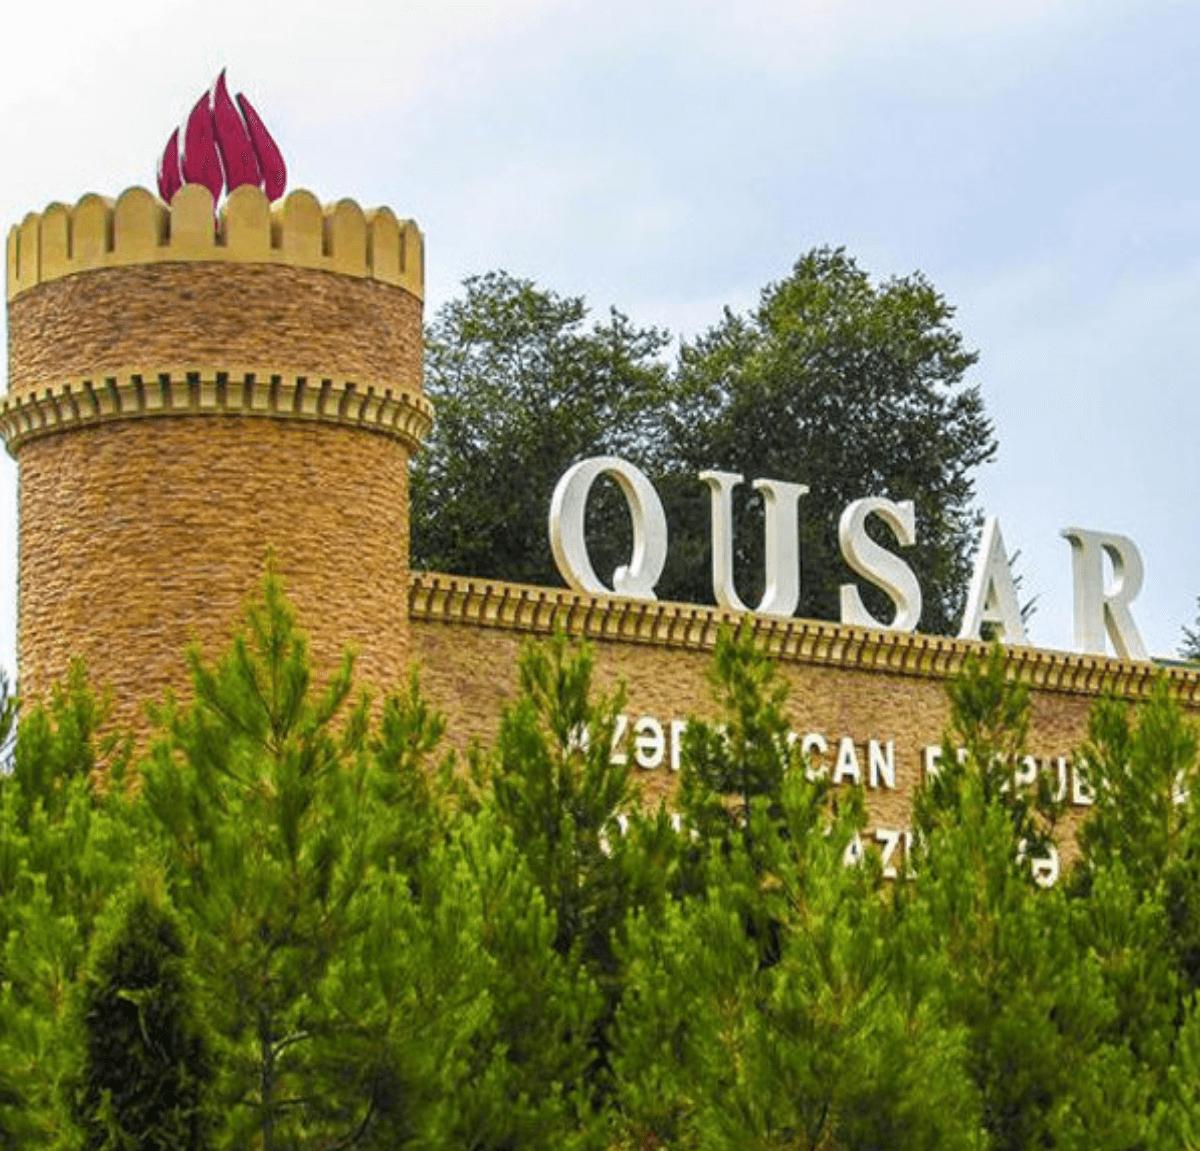 Qusar